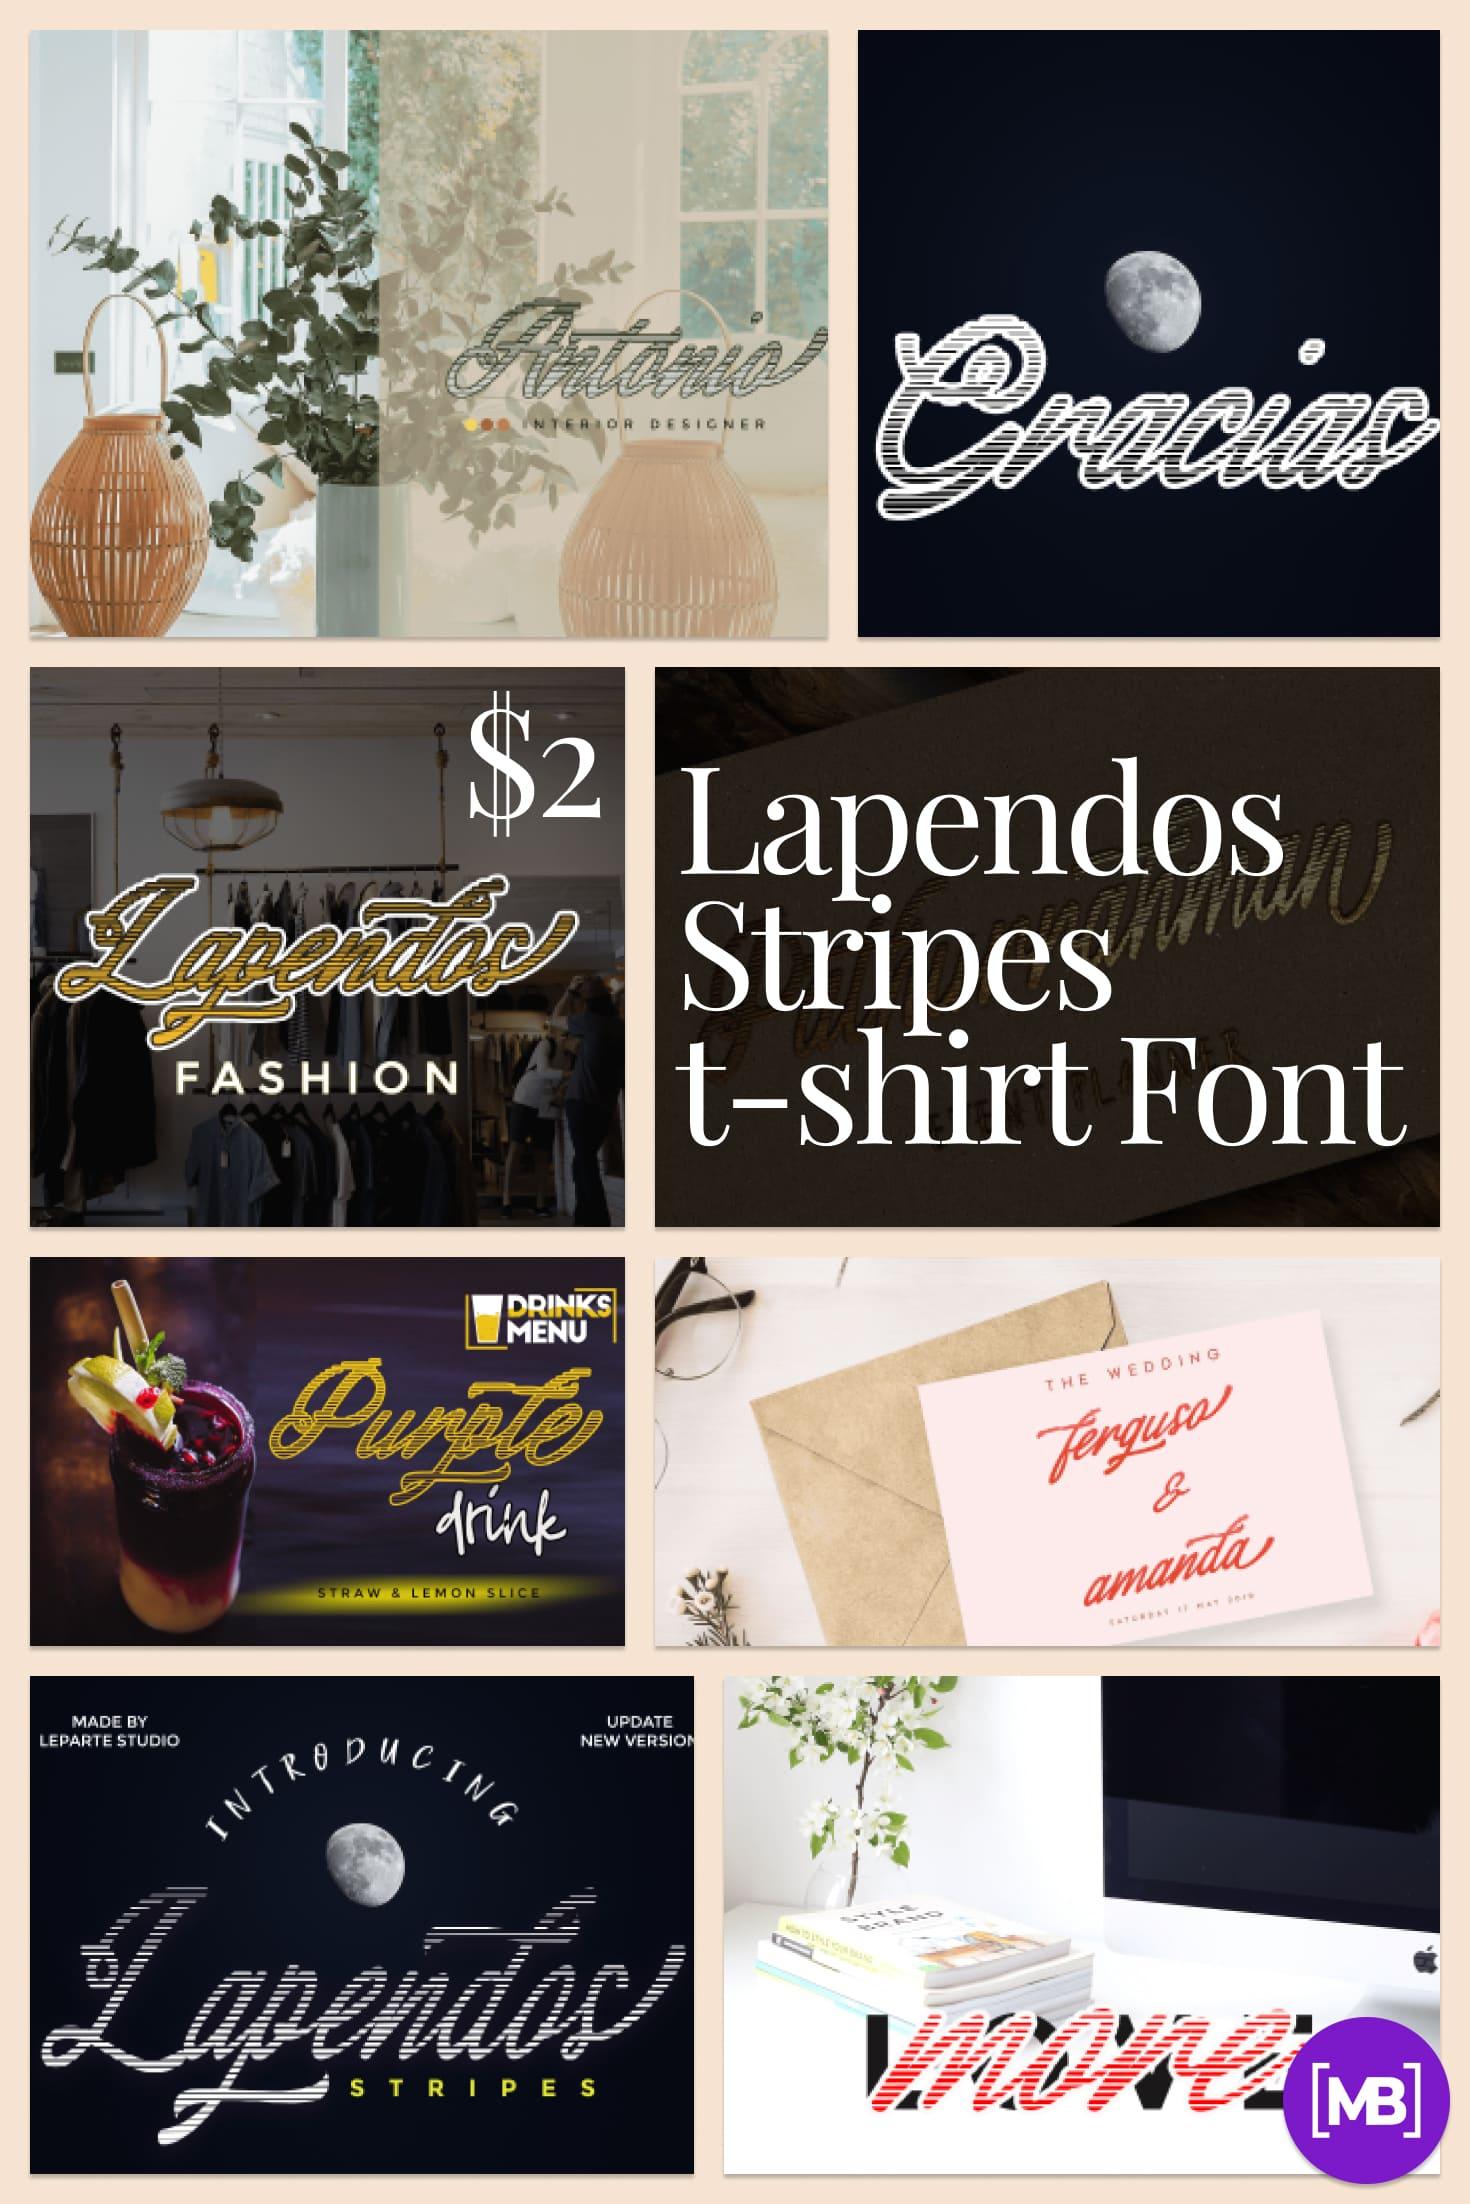 Pinterest Image: Lapendos Stripes t-shirt Font - $2.